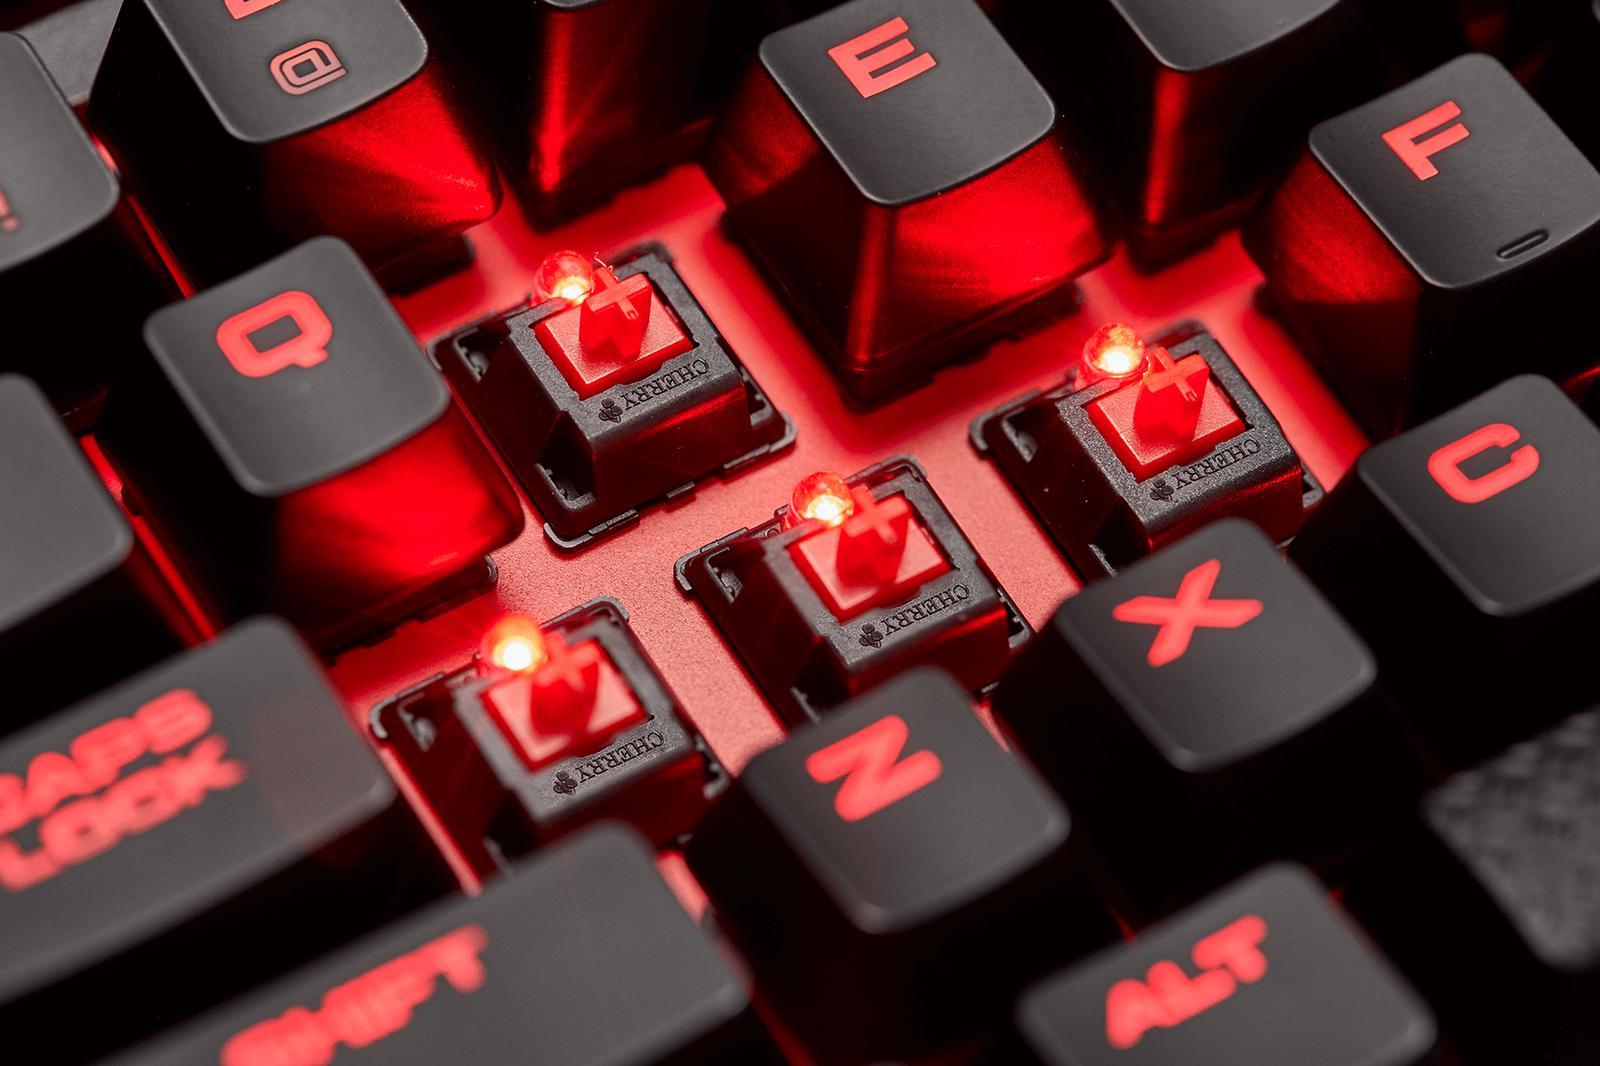 Corsair K63 Wired Gaming Keyboard